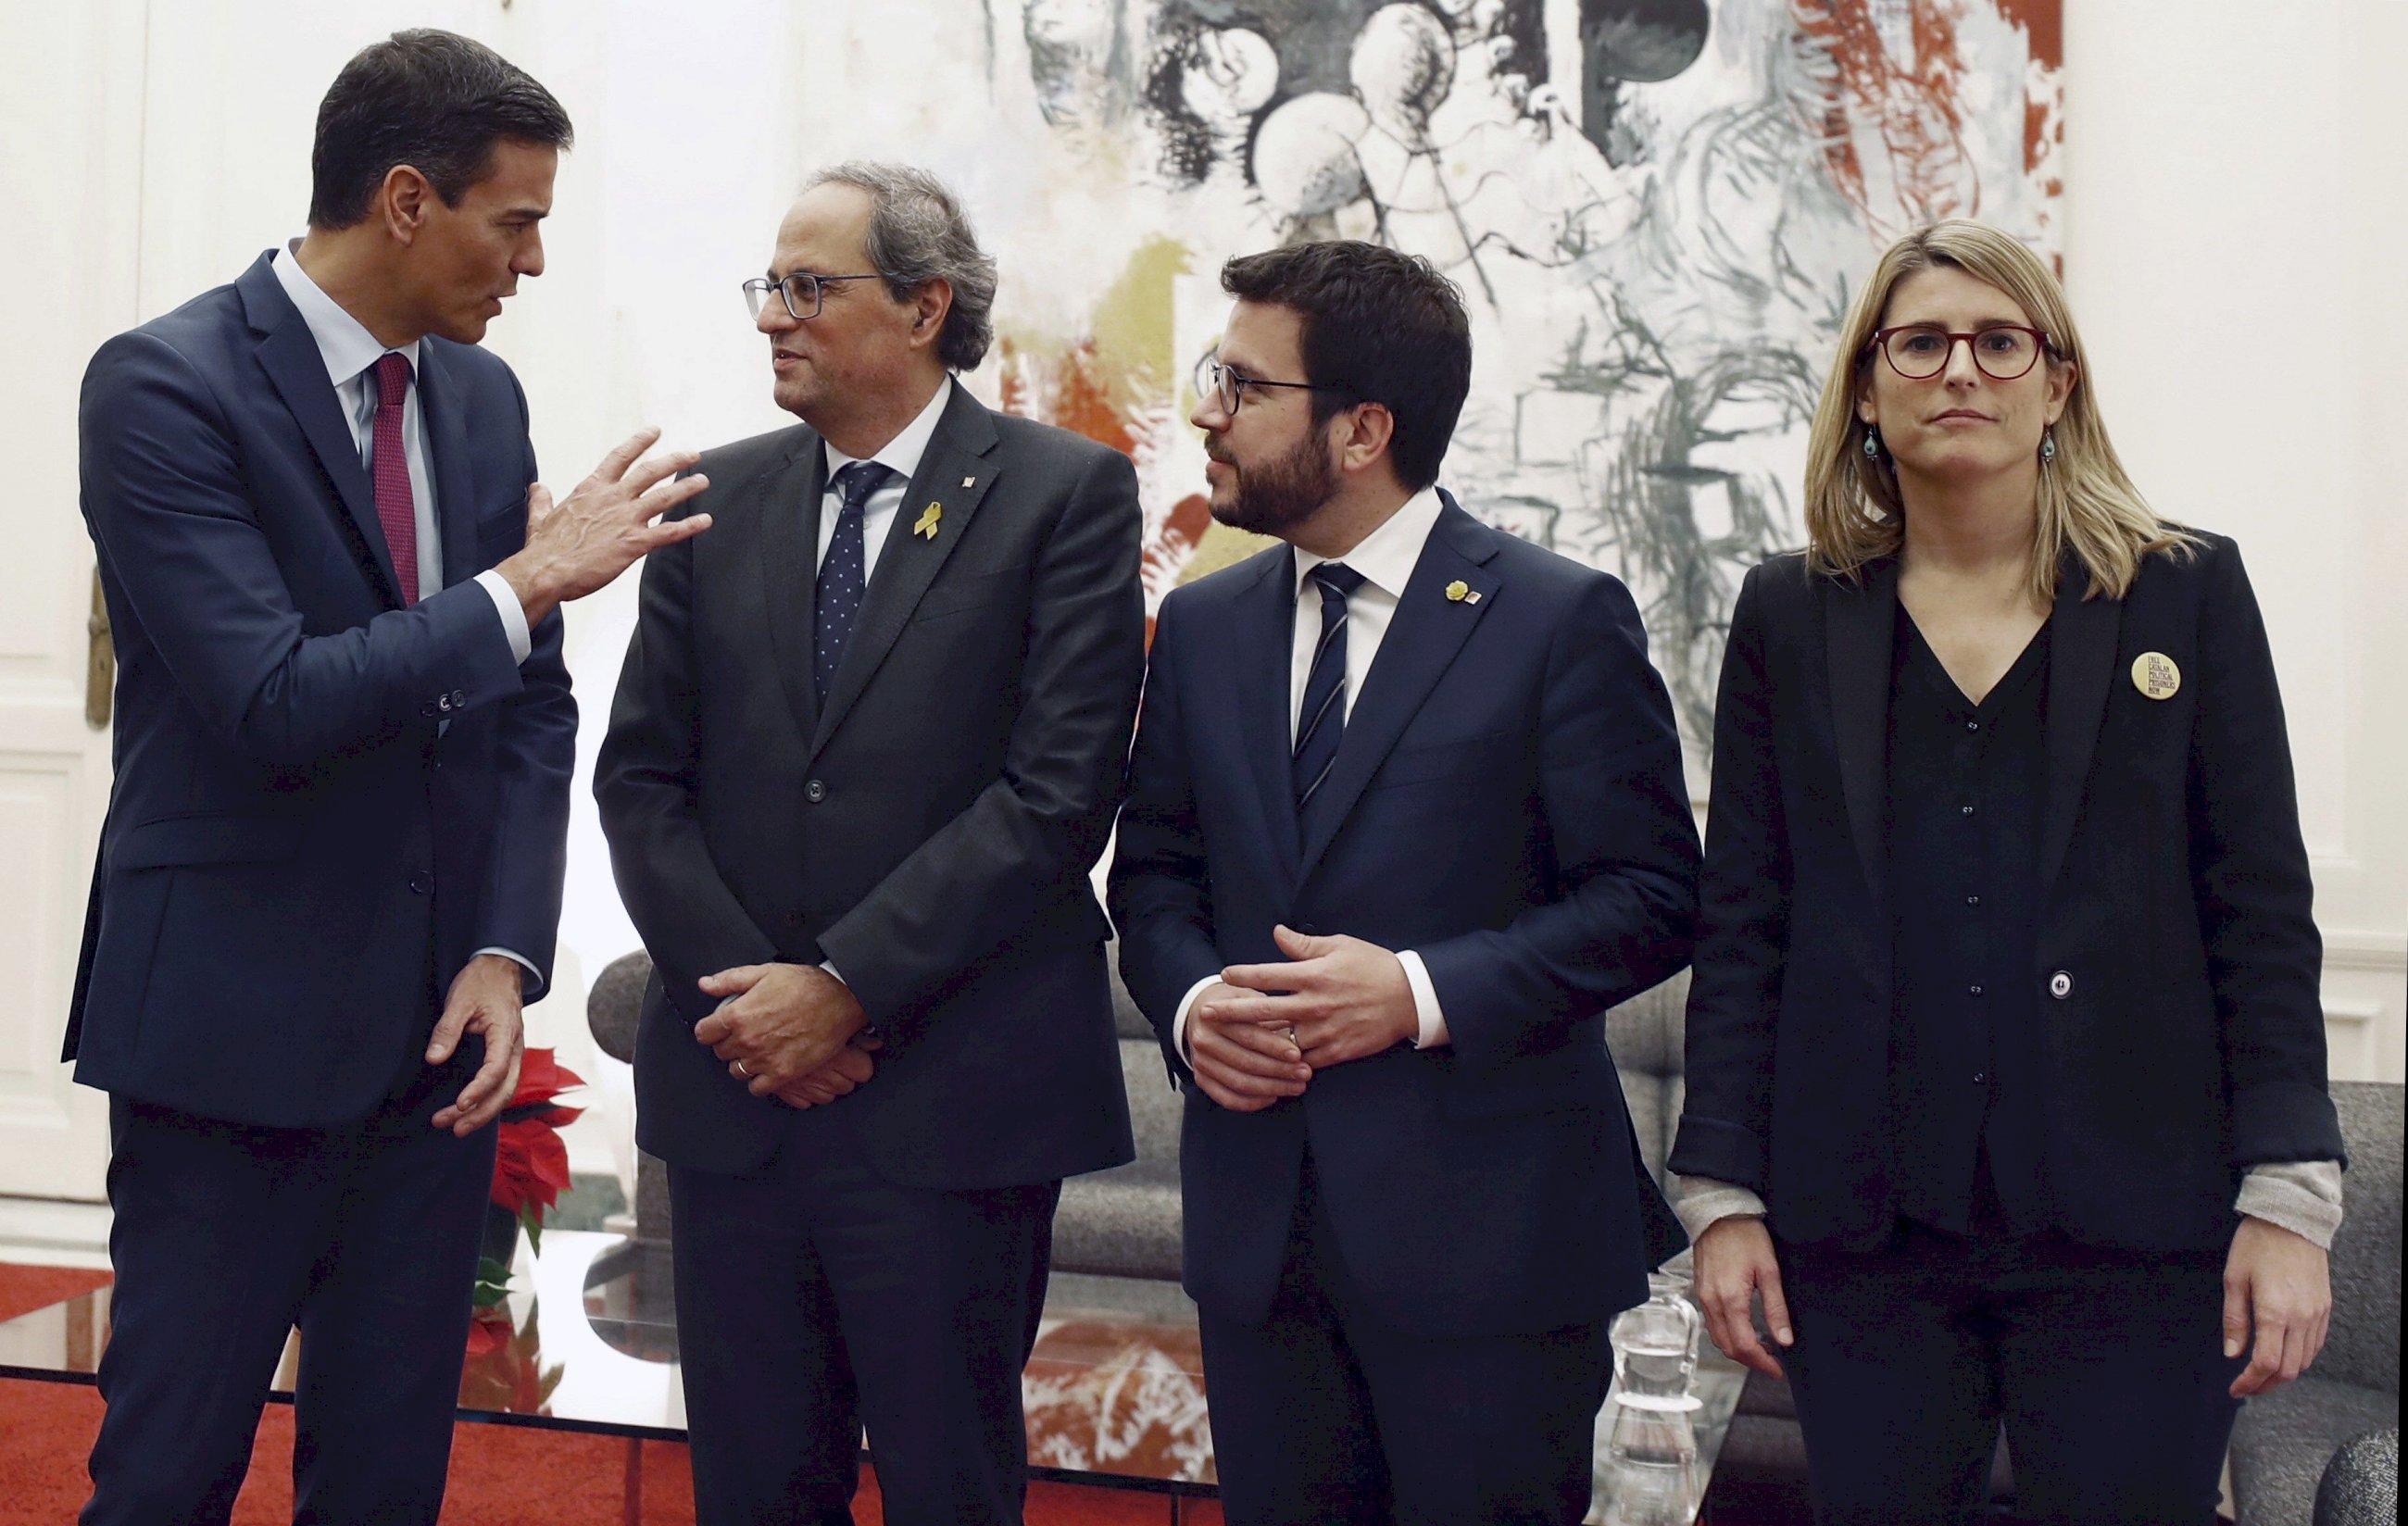 Pedro Sánchez, Quim Torra, Pere Aragonès (ERC) y Elsa Artadi (JxCat) en el Palau de Pedralbes de Barcelona, el 20 de diciembre de 2018 | EFE/AD/Archivo